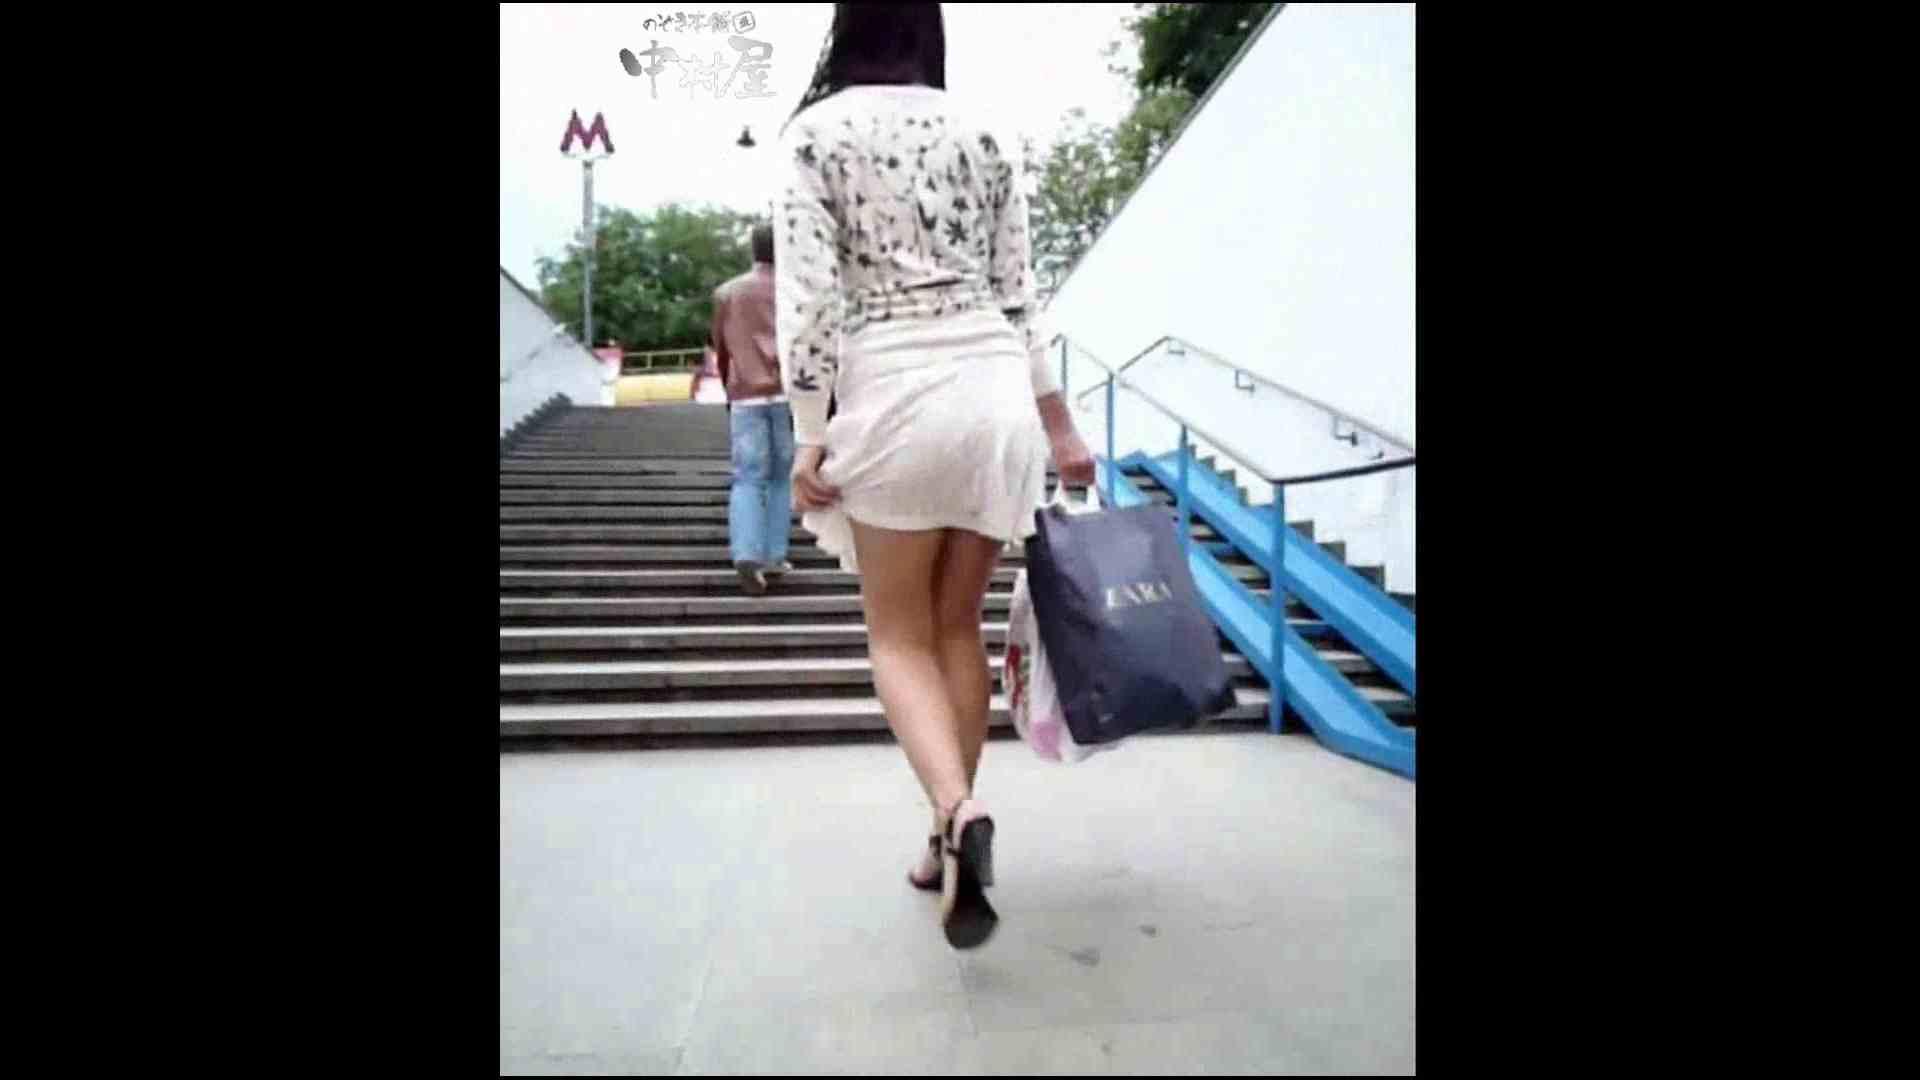 綺麗なモデルさんのスカート捲っちゃおう‼ vol27 お姉さんヌード  97画像 96